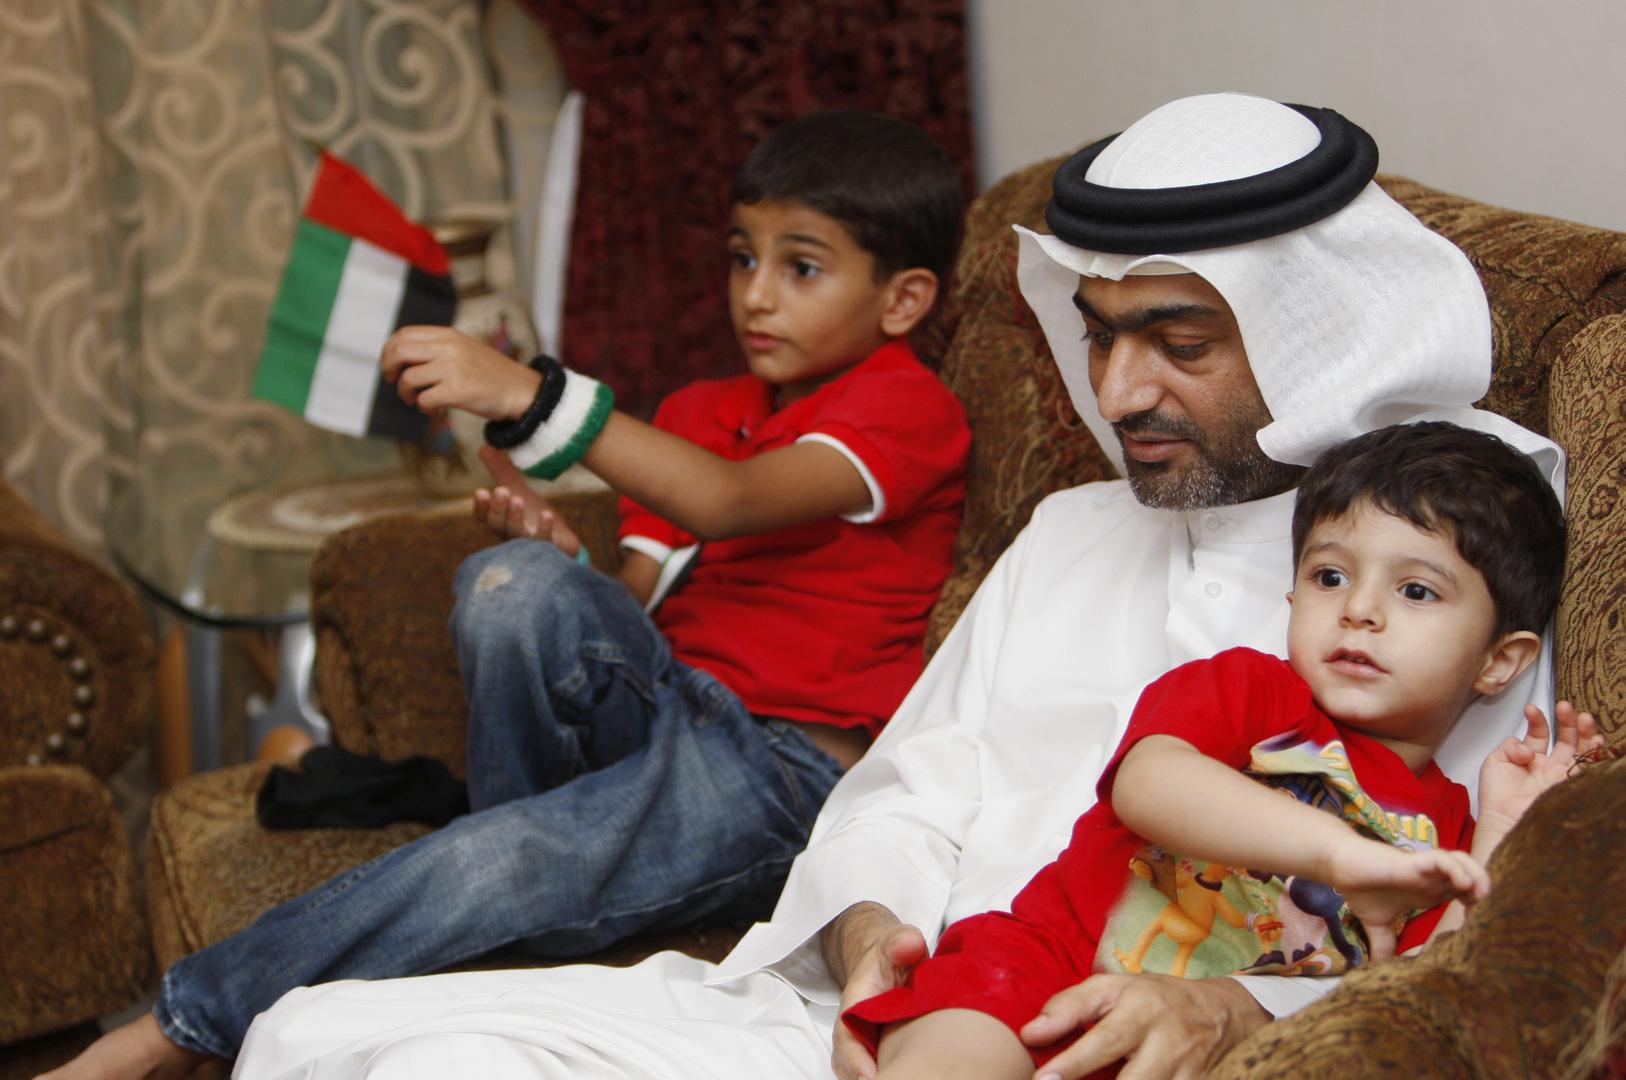 الإمارات تعلق على قضية أحمد منصور المتهم بـ